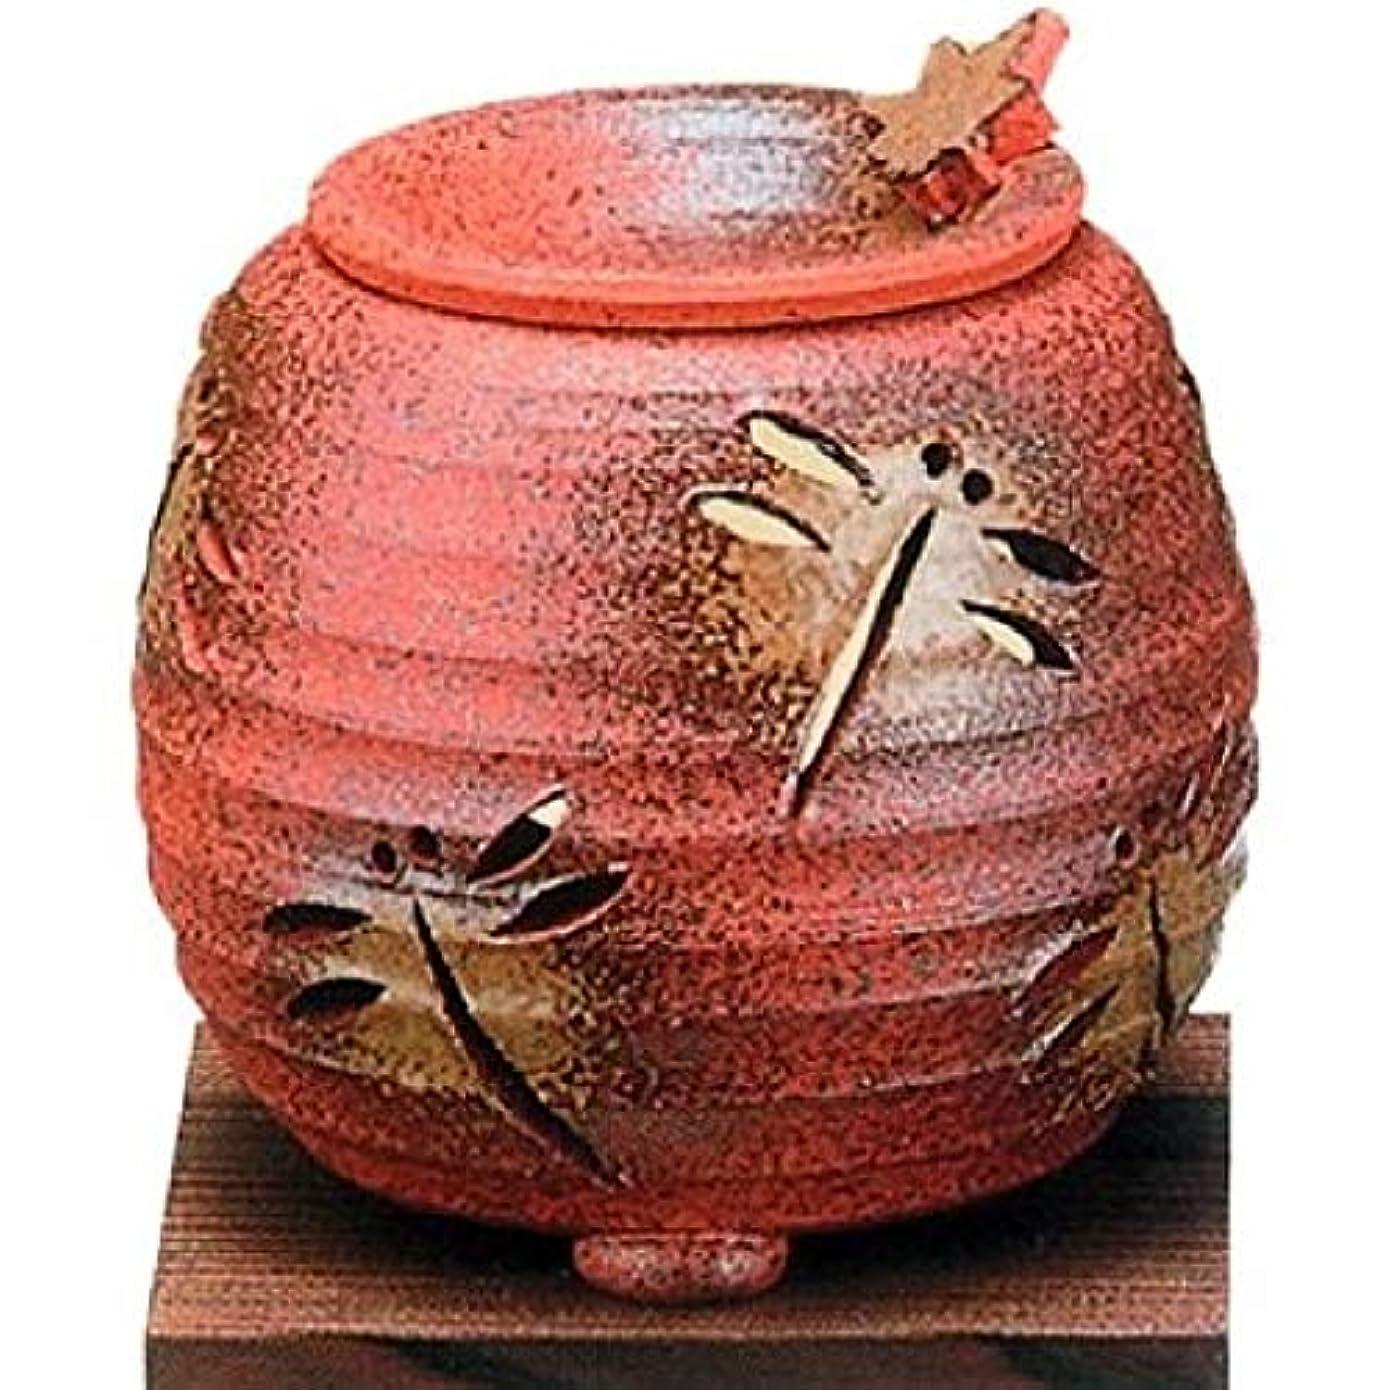 委員長アレルギー突然の【常滑焼】石龍 焼〆千段トンボ茶香炉   千段トンボ透かし  φ11×H11㎝ 3-830